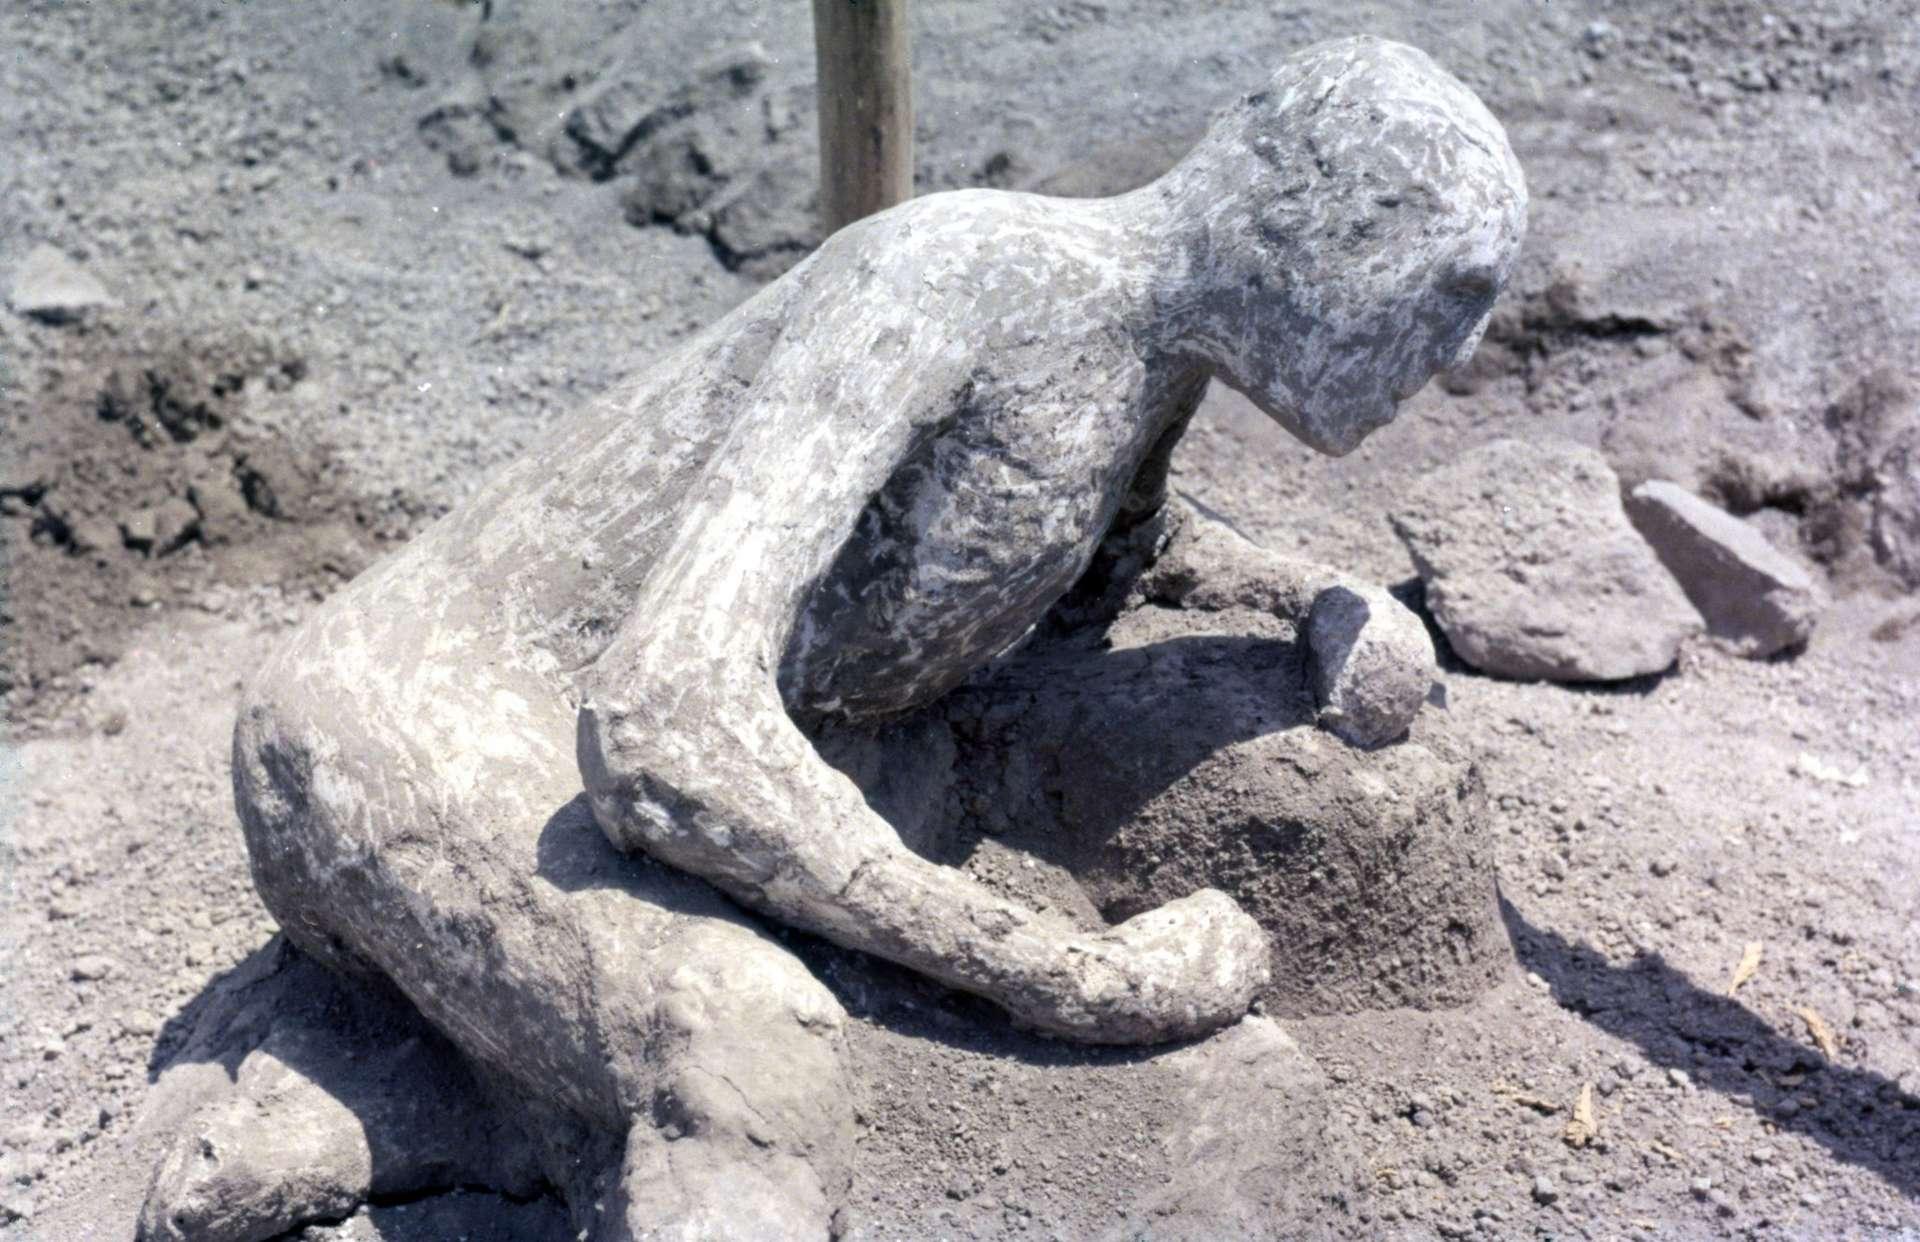 Vivant à moins de 10 km du cratère du Vésuve, les habitants de Pompéi sont morts asphyxiés en quelques minutes après l'explosion. © foundin_a_attic, Flickr